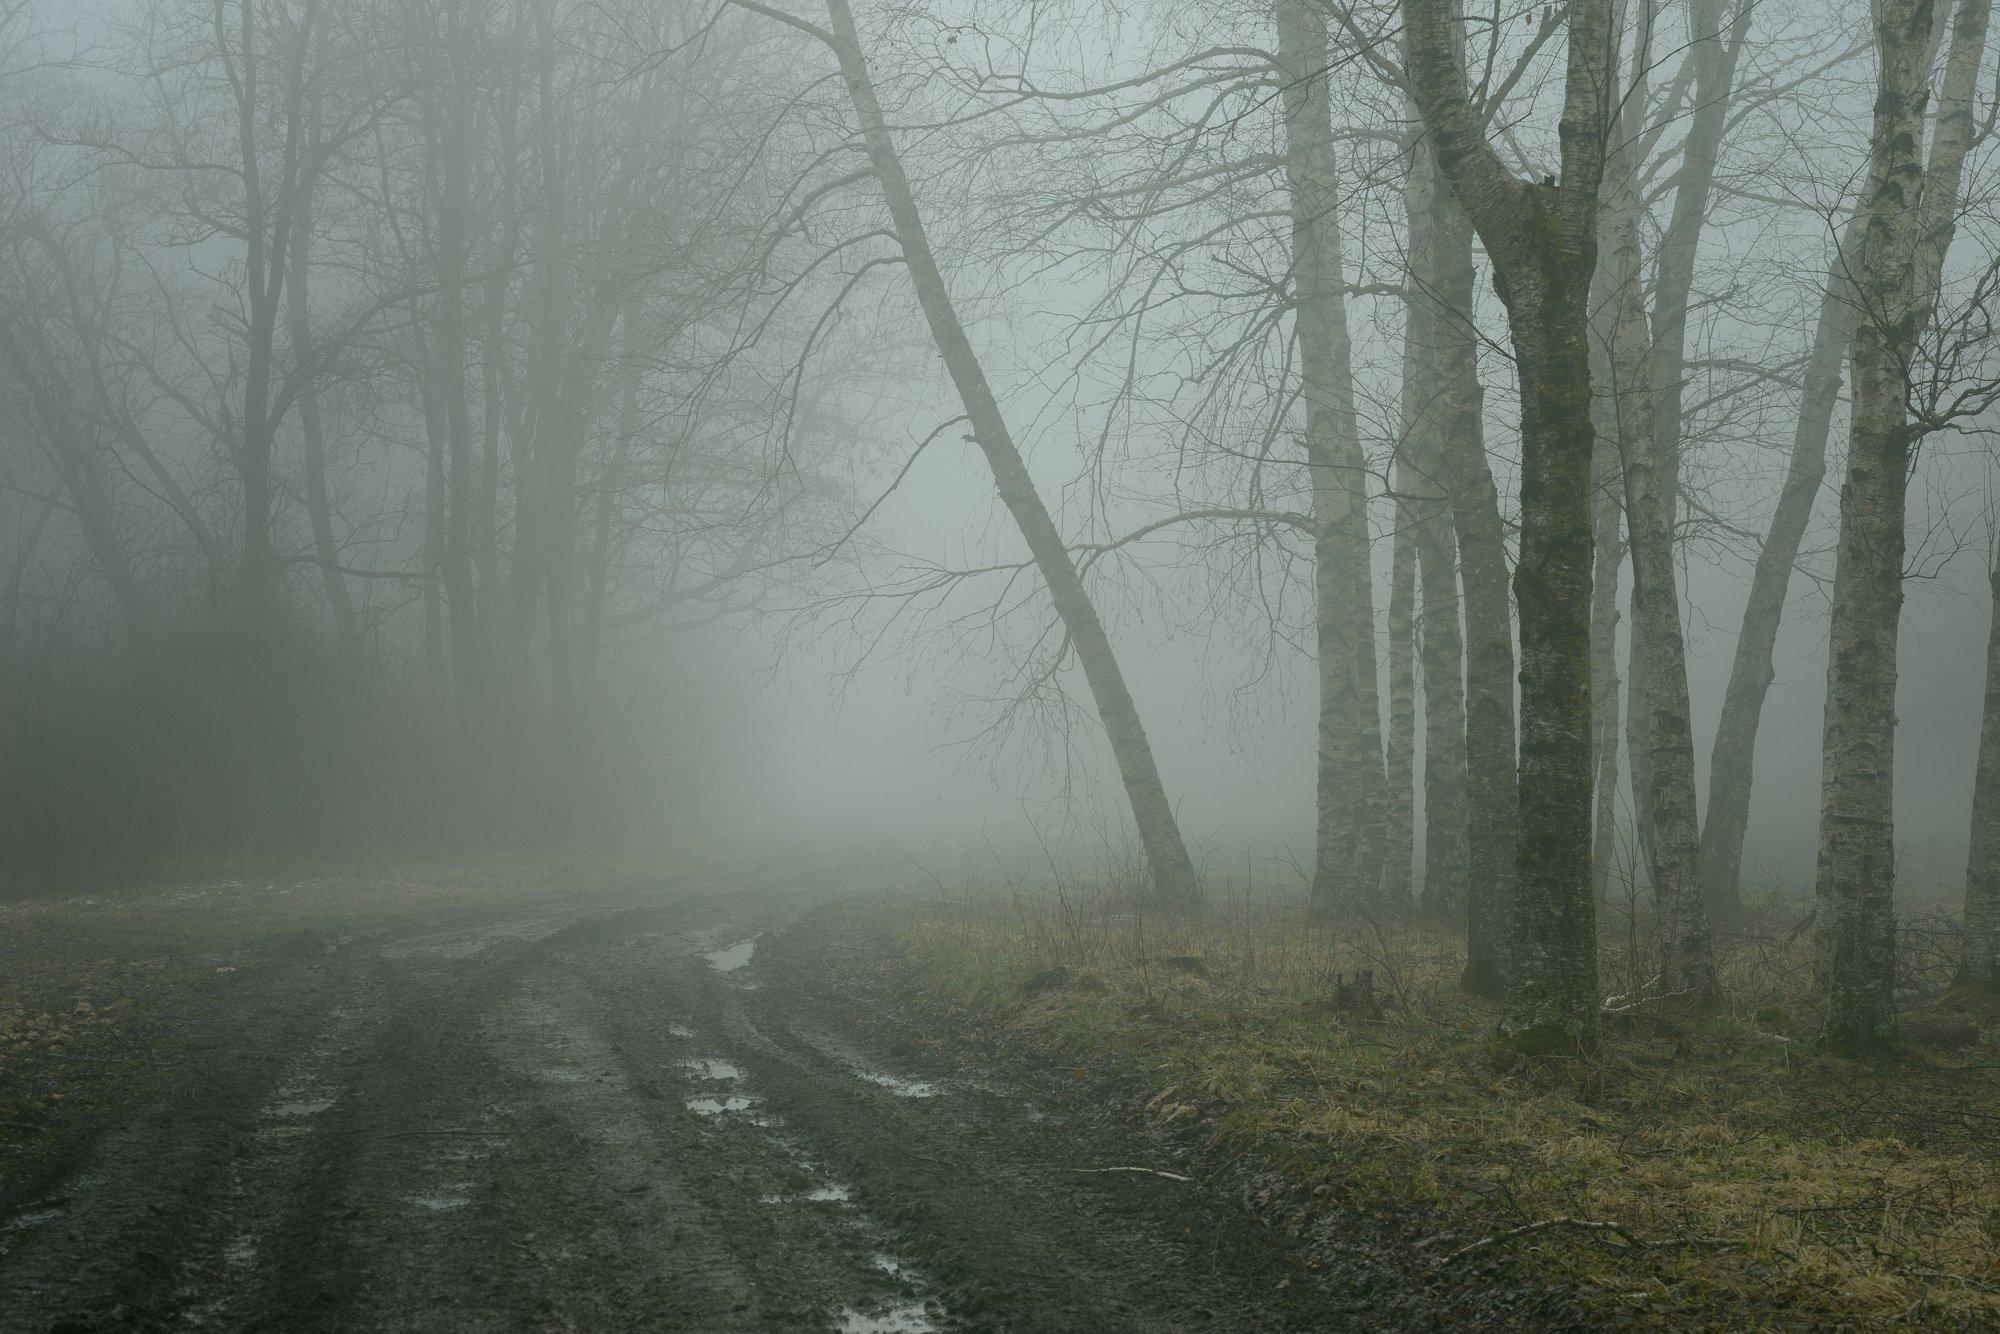 роща туман утро дорога, Александр Жарников